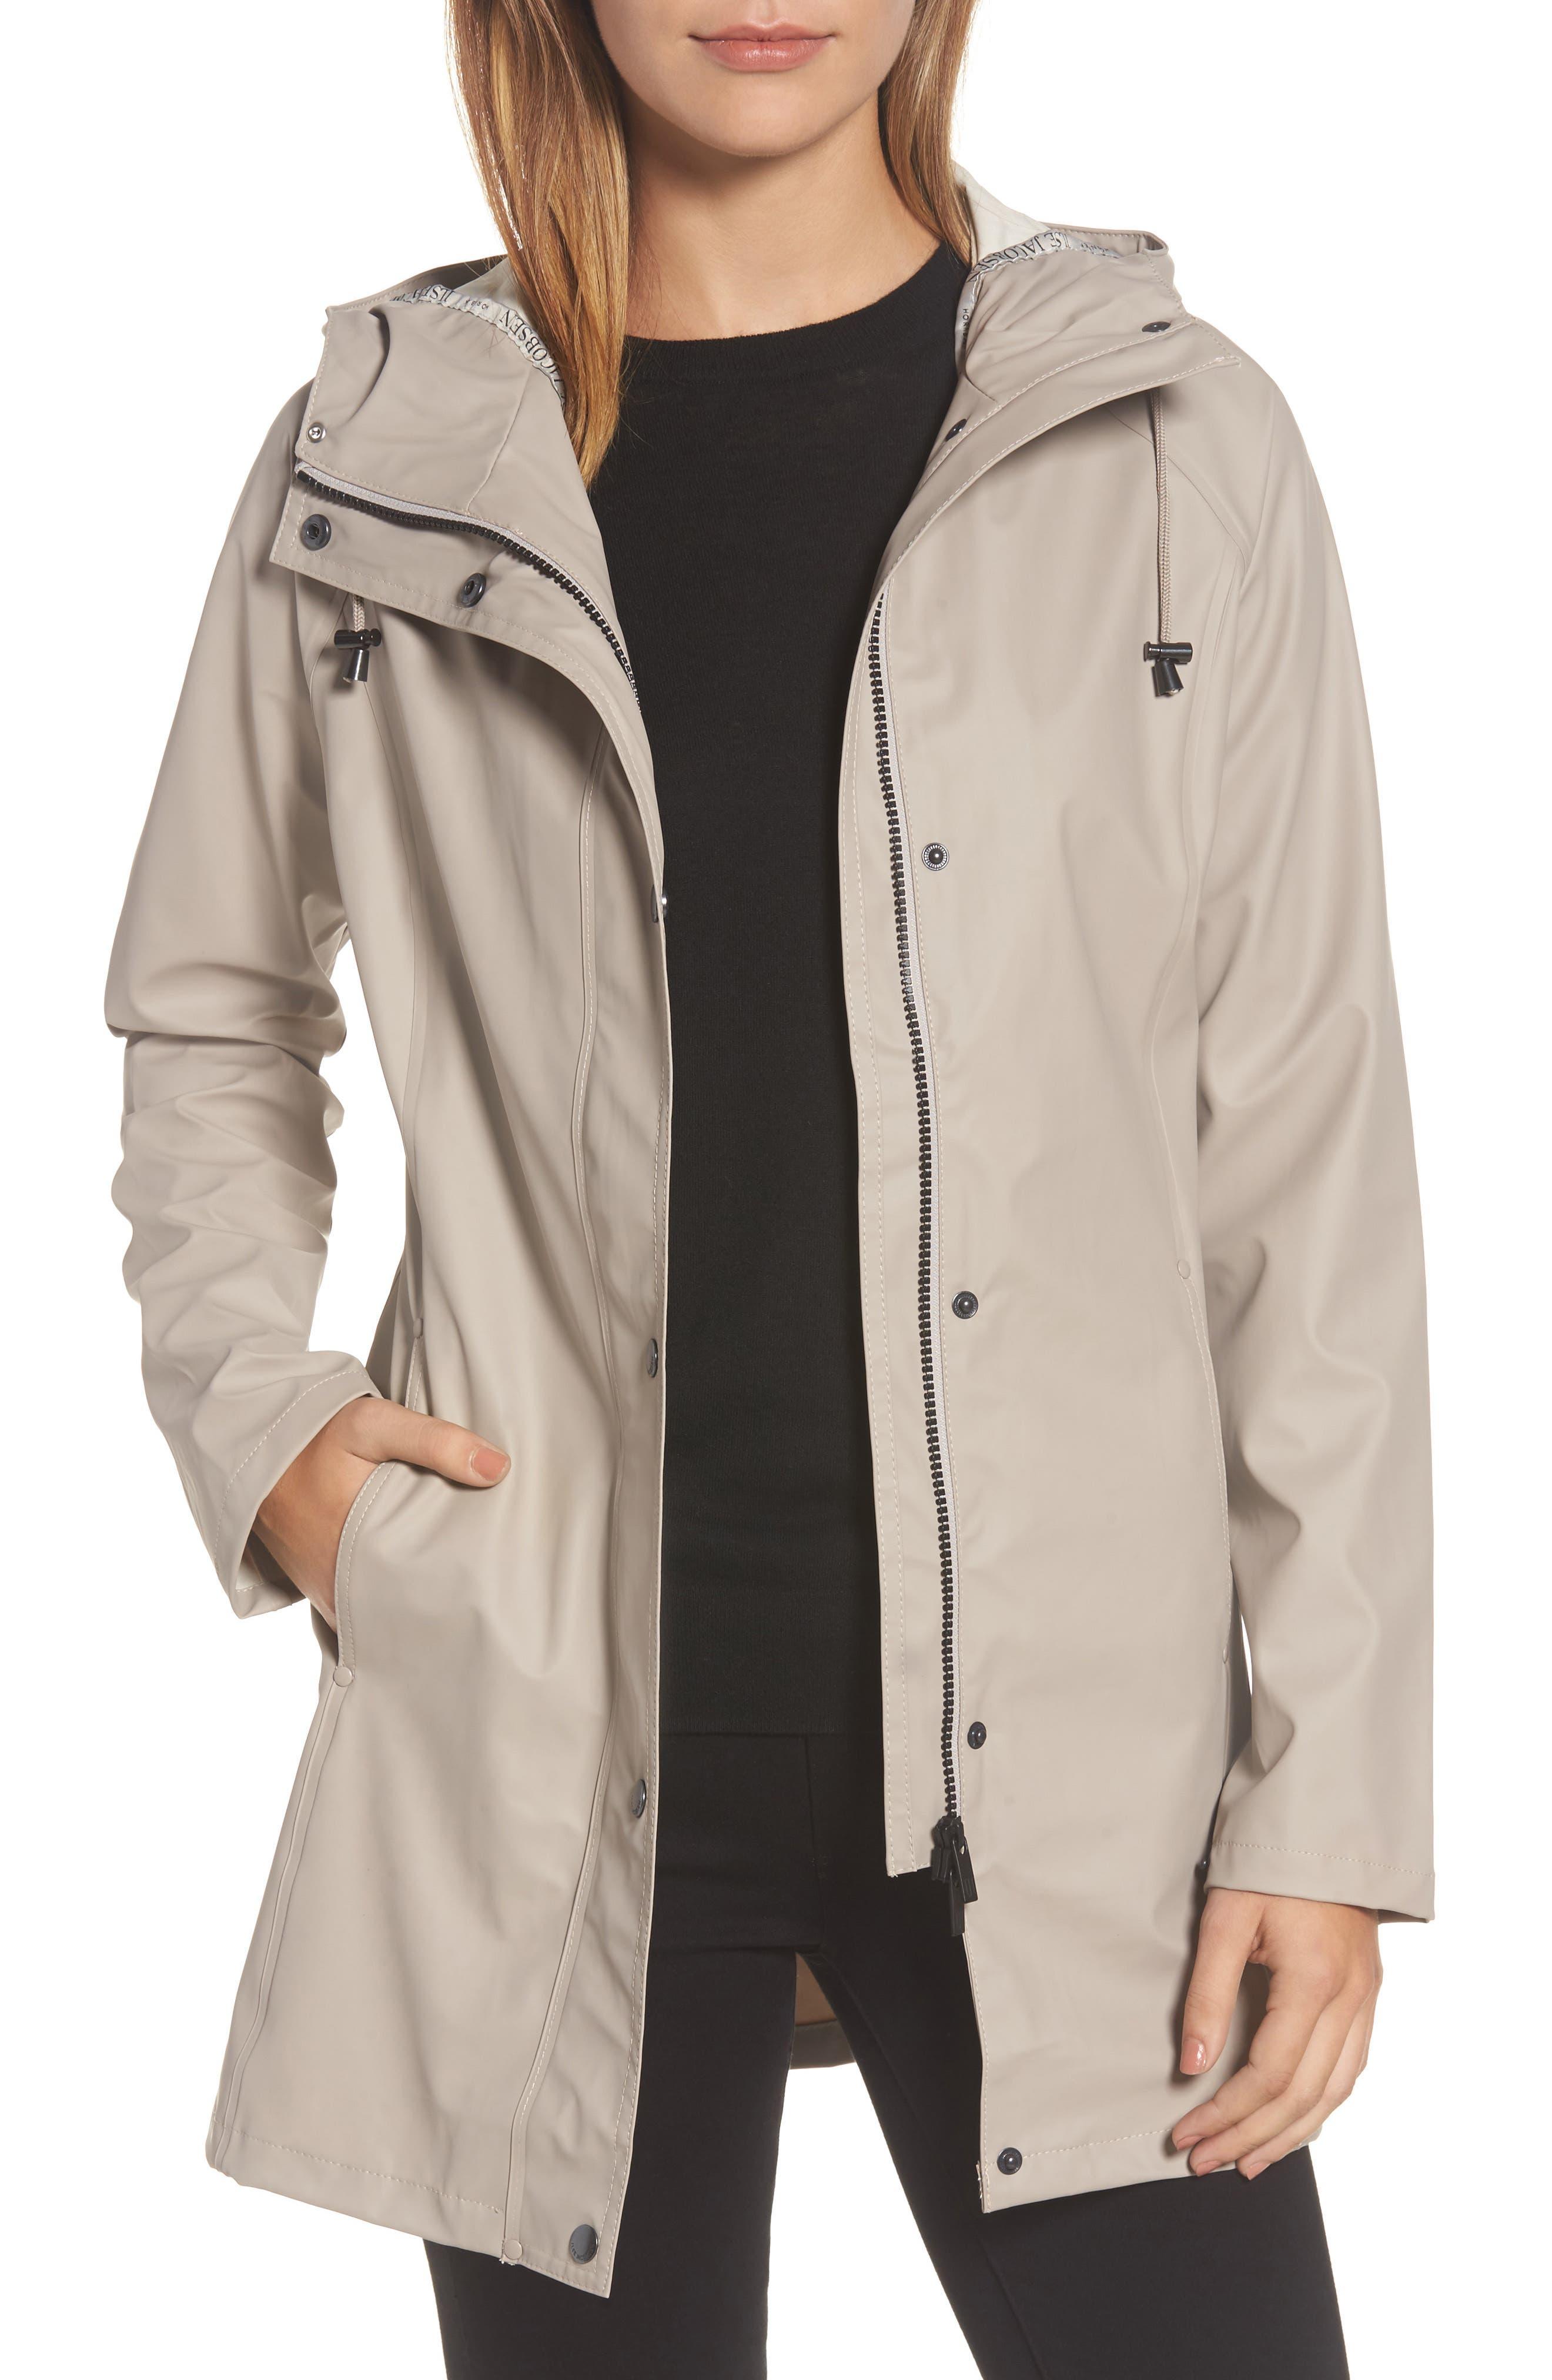 Main Image - Illse Jacobsen Hornbaek Raincoat